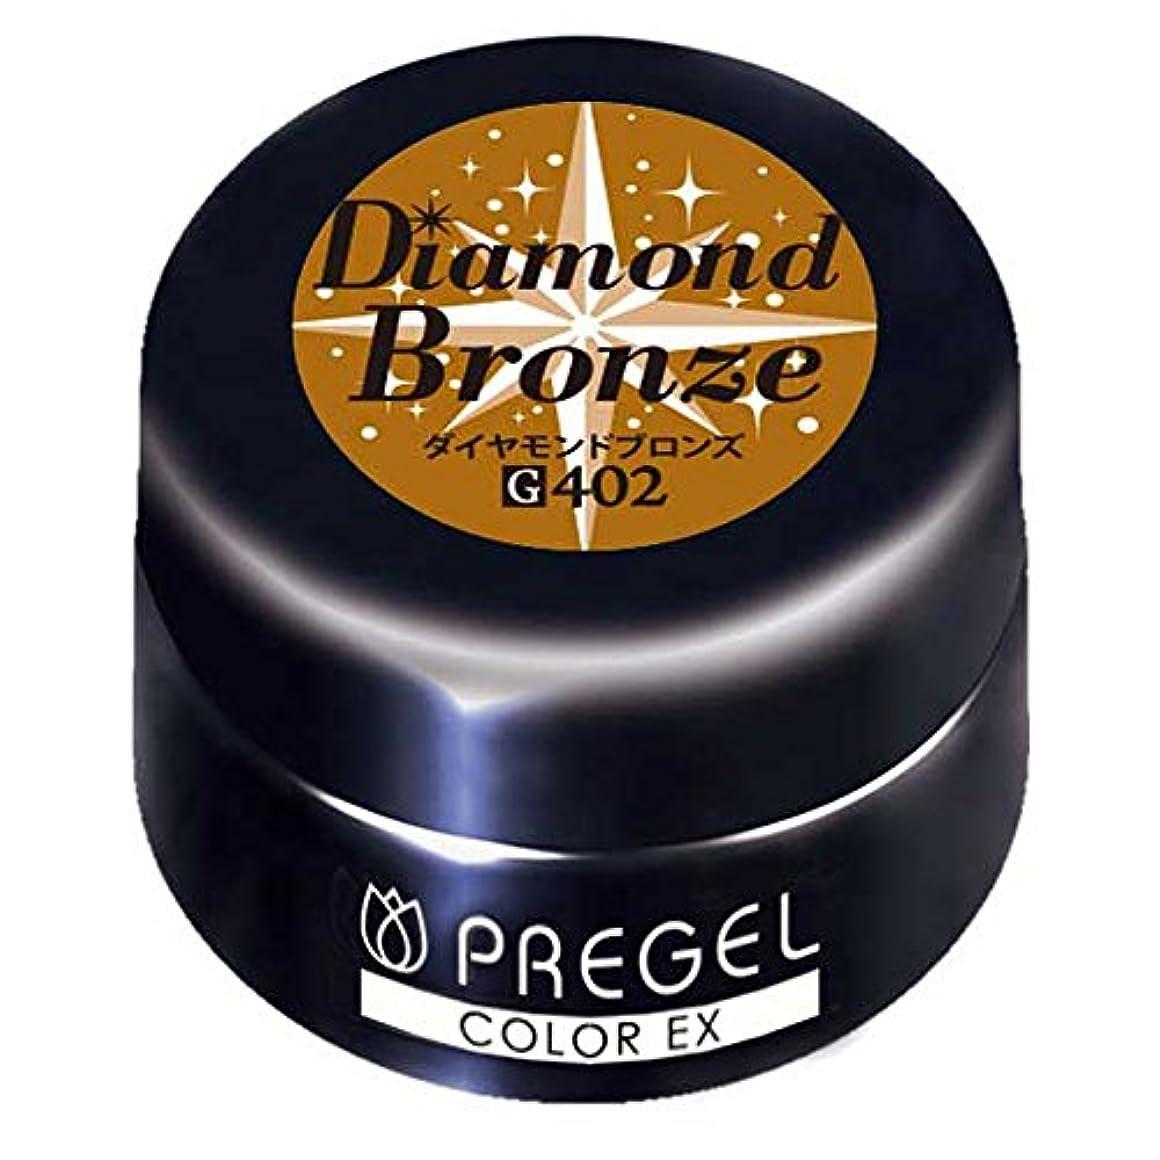 ハブブ悲劇的な遺産PRE GEL カラーEX ダイヤモンドブロンズCE402 UV/LED対応 カラージェル